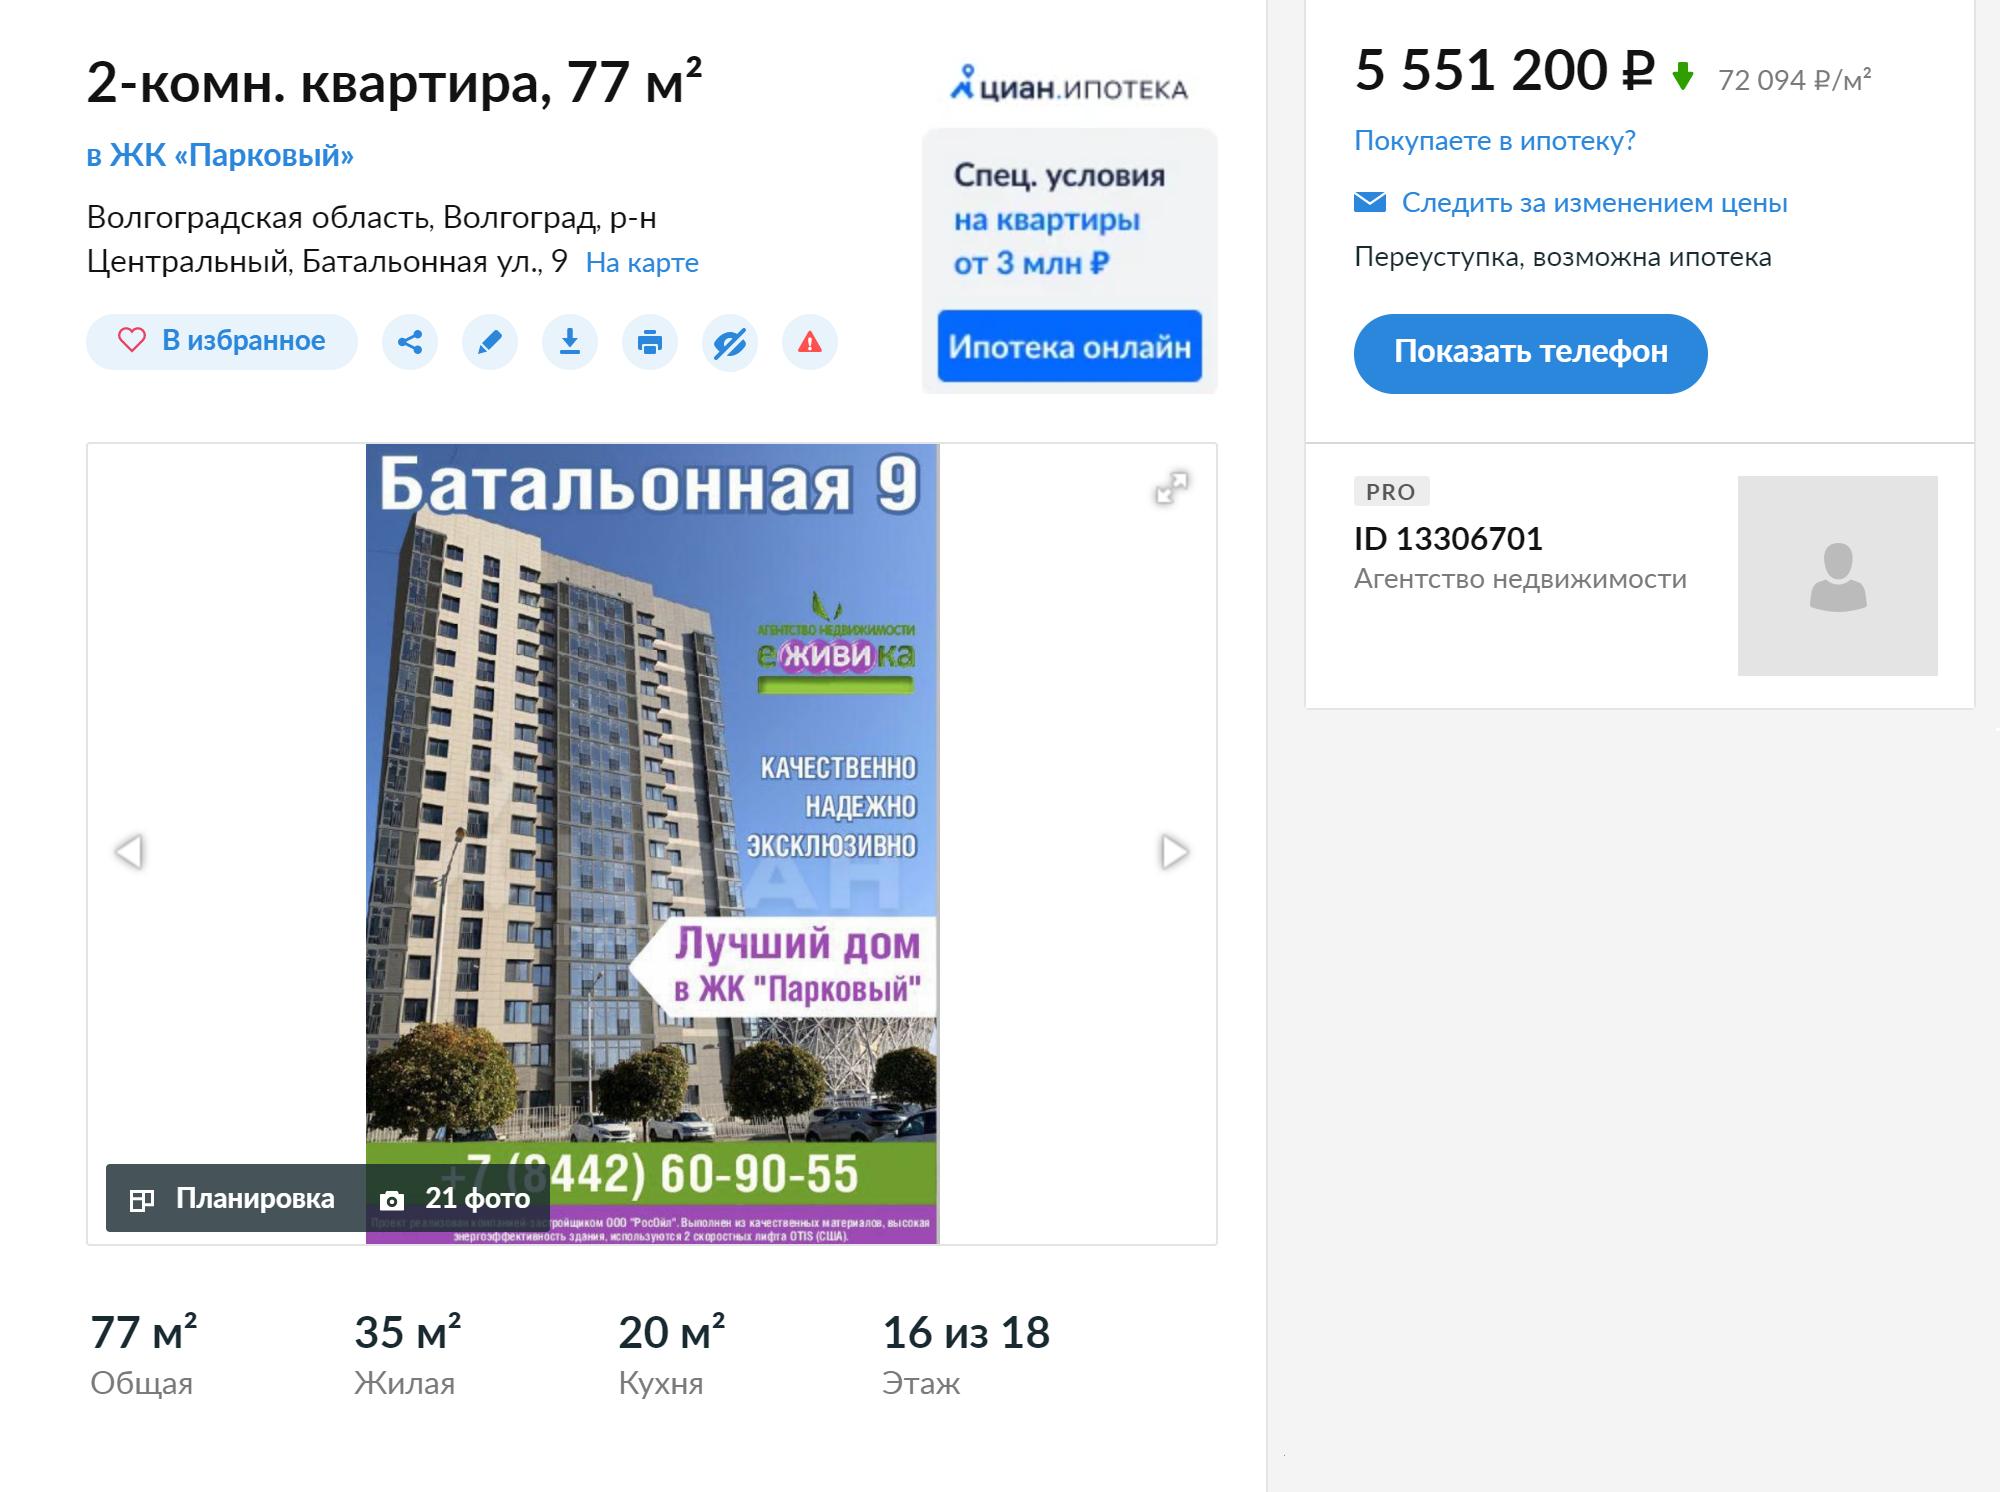 Двухкомнатная квартира в новом доме в Центральном районе с видом на стадион «Волгоград-Арена» — 5,5 млн рублей. Это дорого дляВолгограда